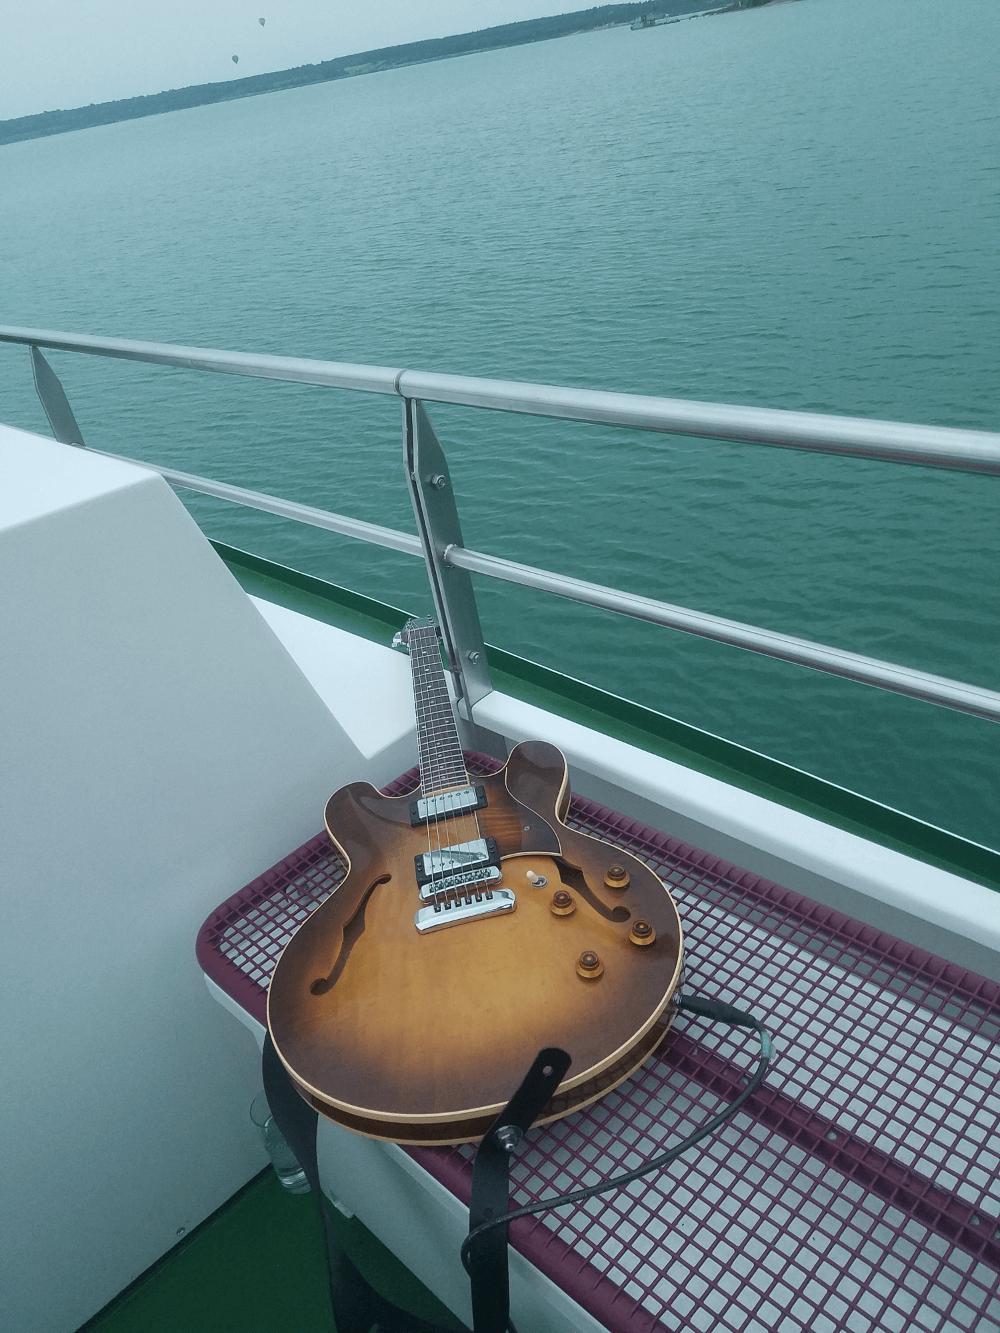 Gitarre-Duo-jazz-buchen-Schiff-draußen